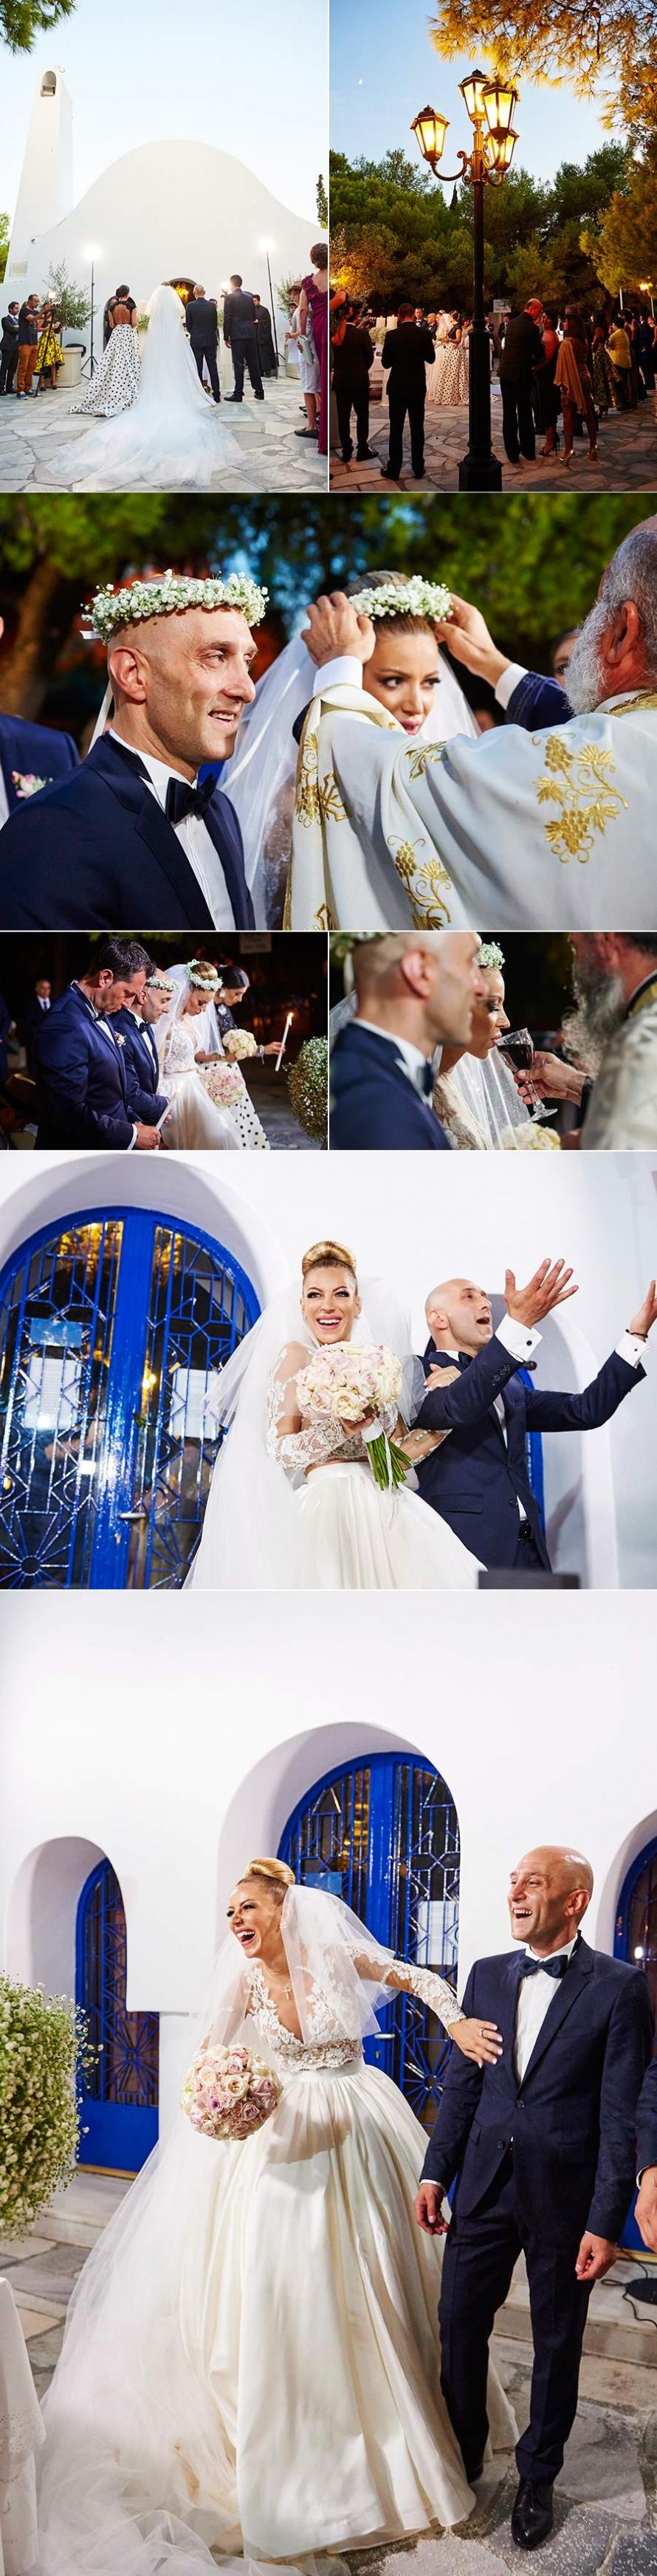 Fady Rana wedding photo 12